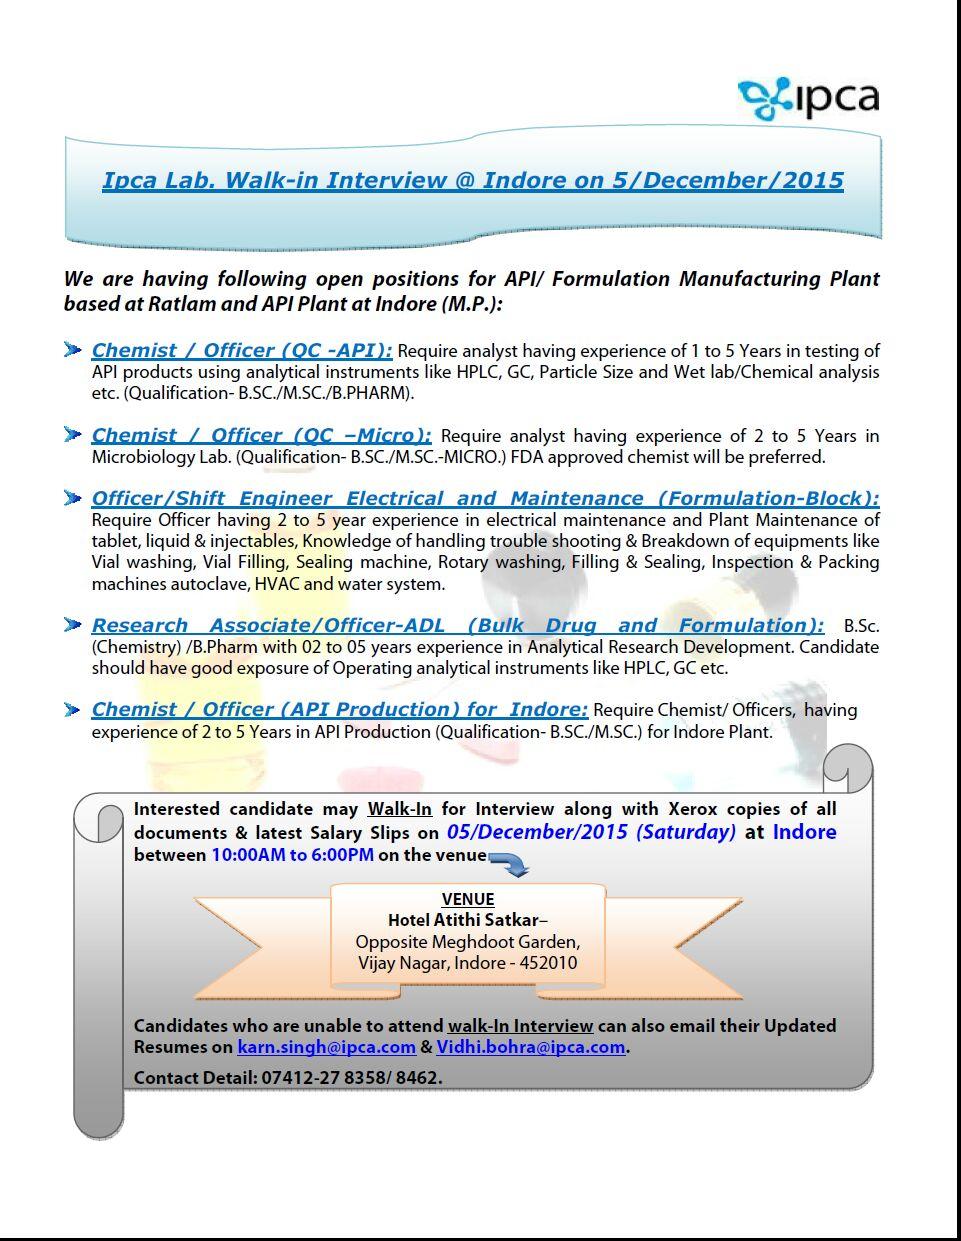 Sample resume for analytical chemist